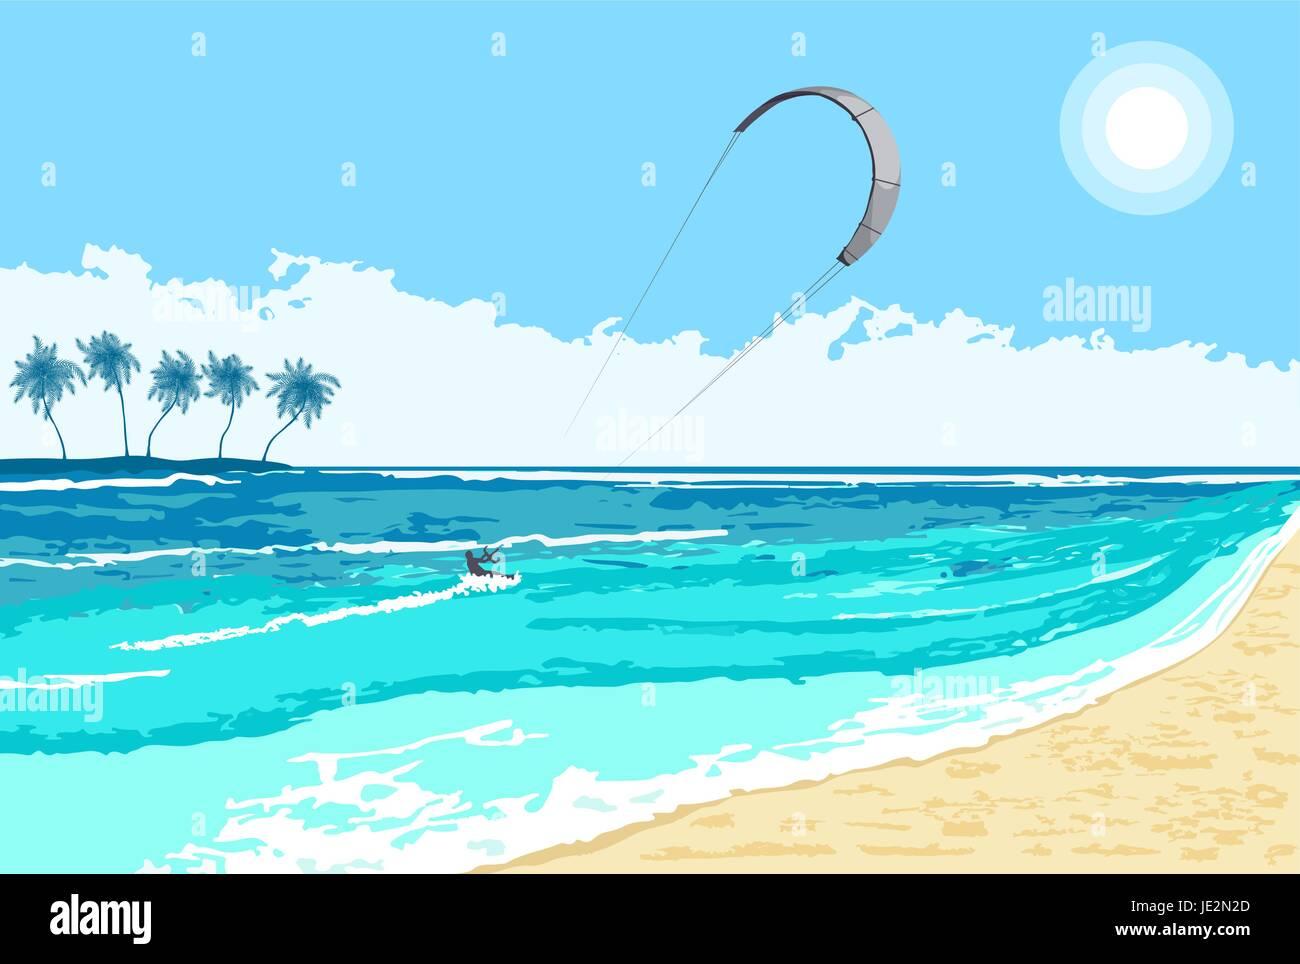 Il Kitesurfing Estate Di Sport Acquatici Sul Mare Tropicale Sfondo